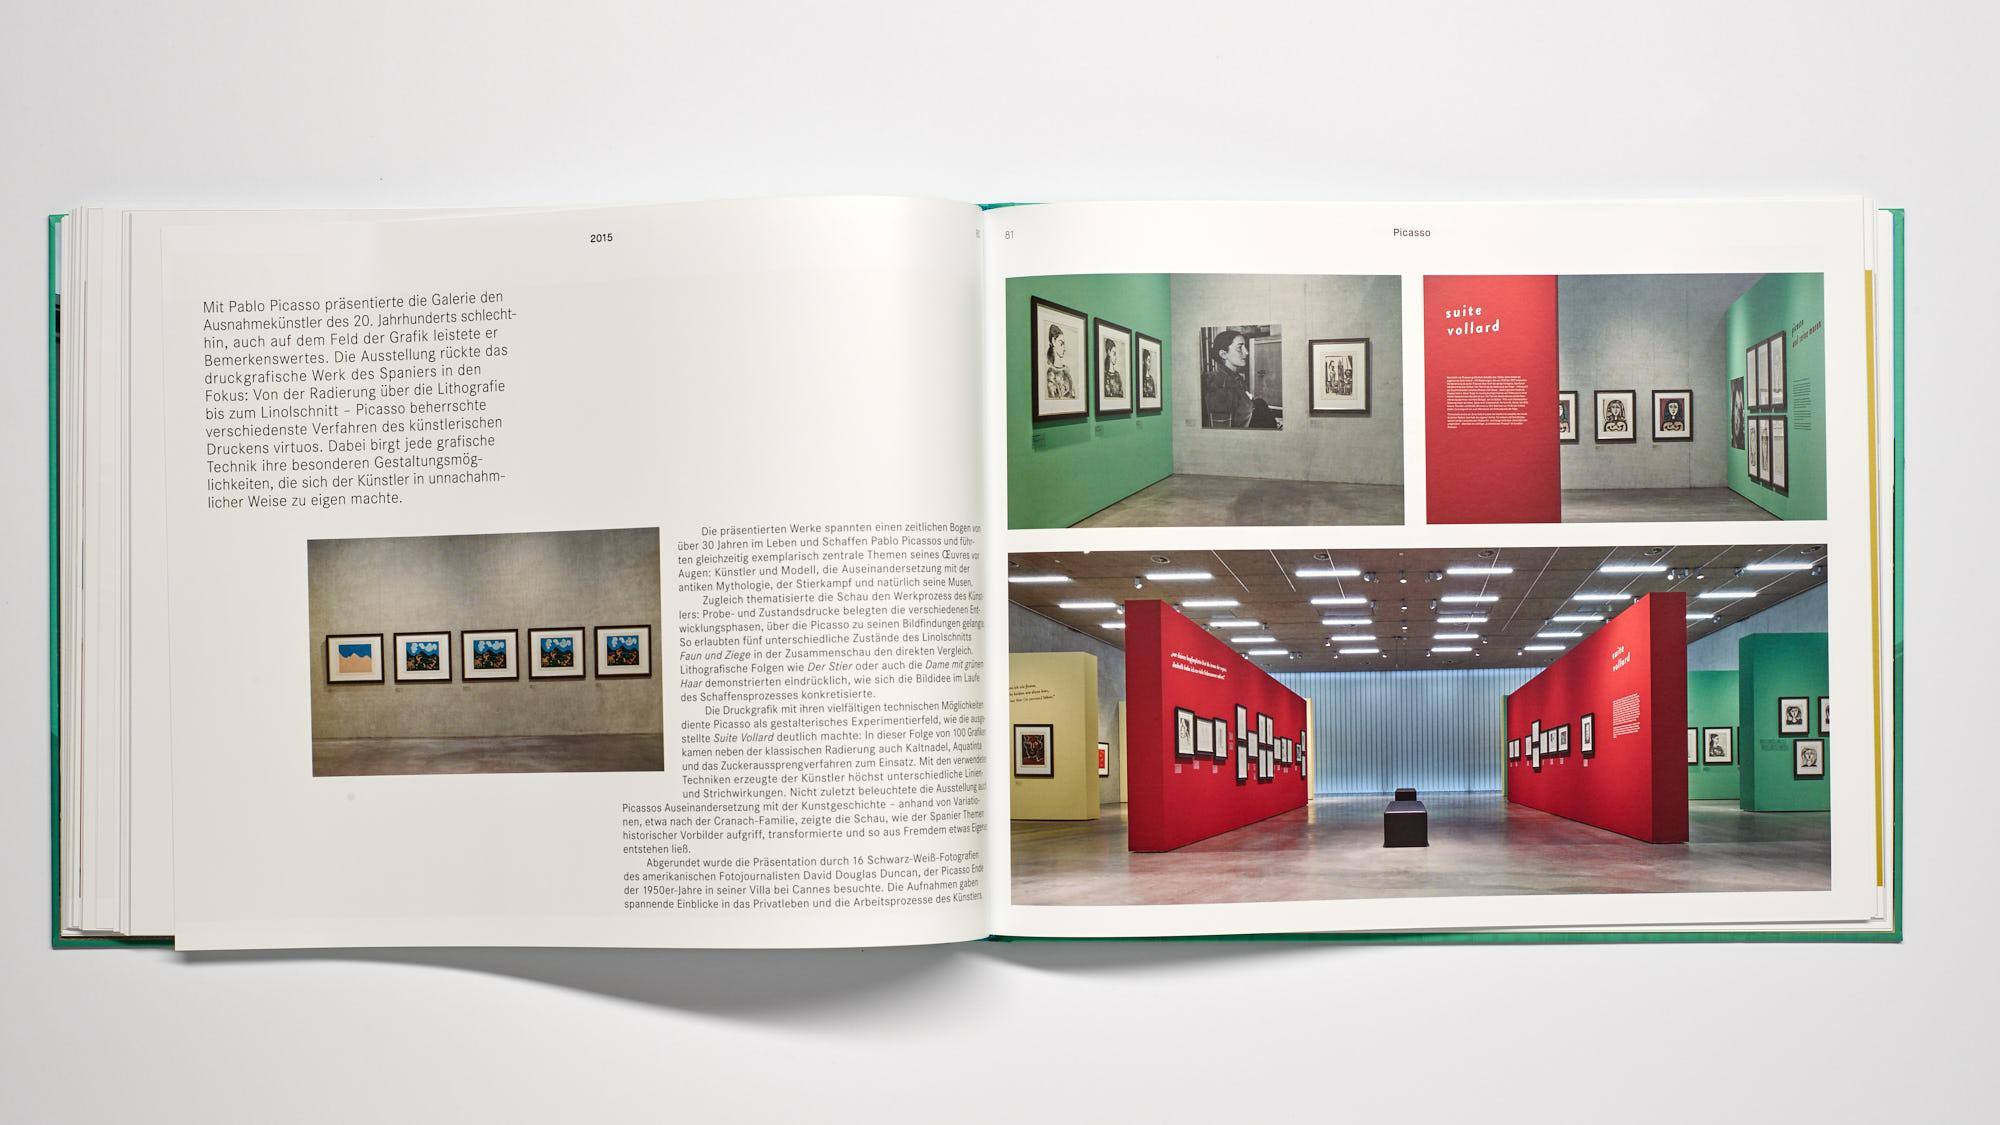 Stihl Galerie WN Picasso - 10 Jahre Galerie Stihl Waiblingen